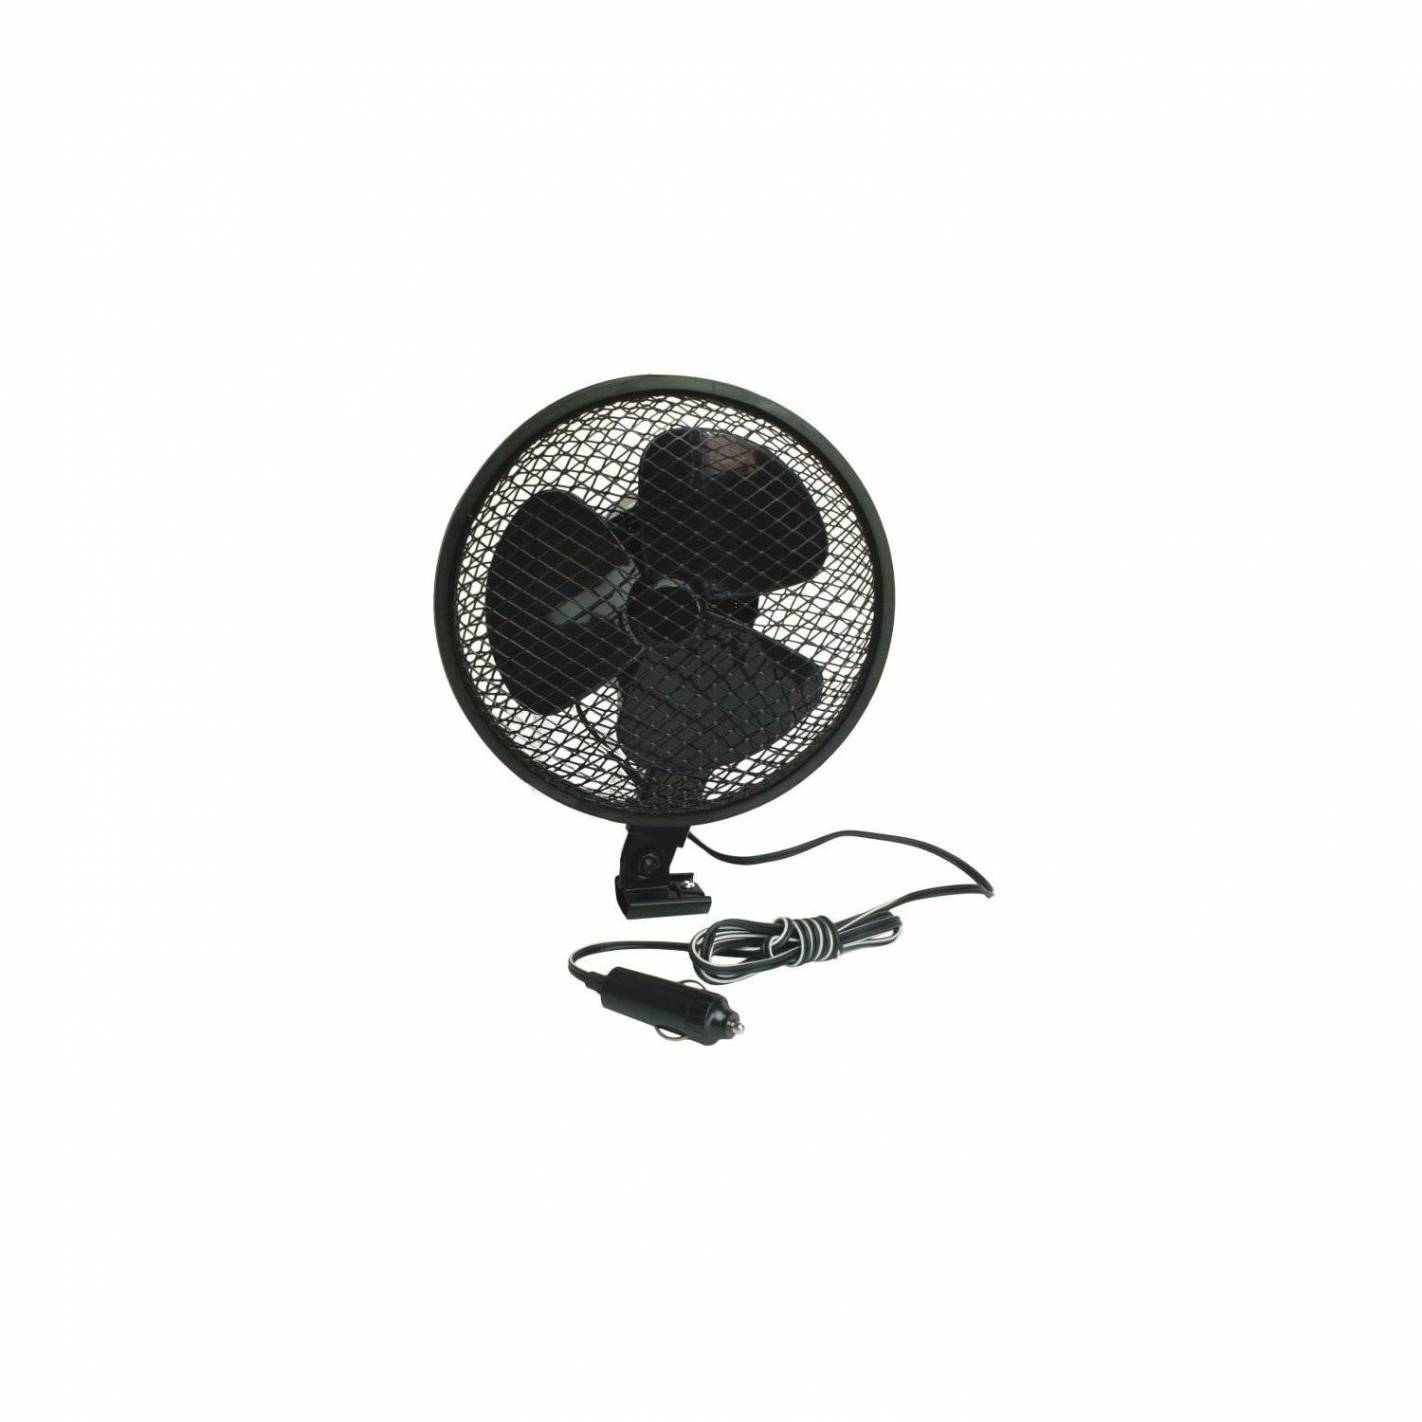 ventilateur 12v oscillant